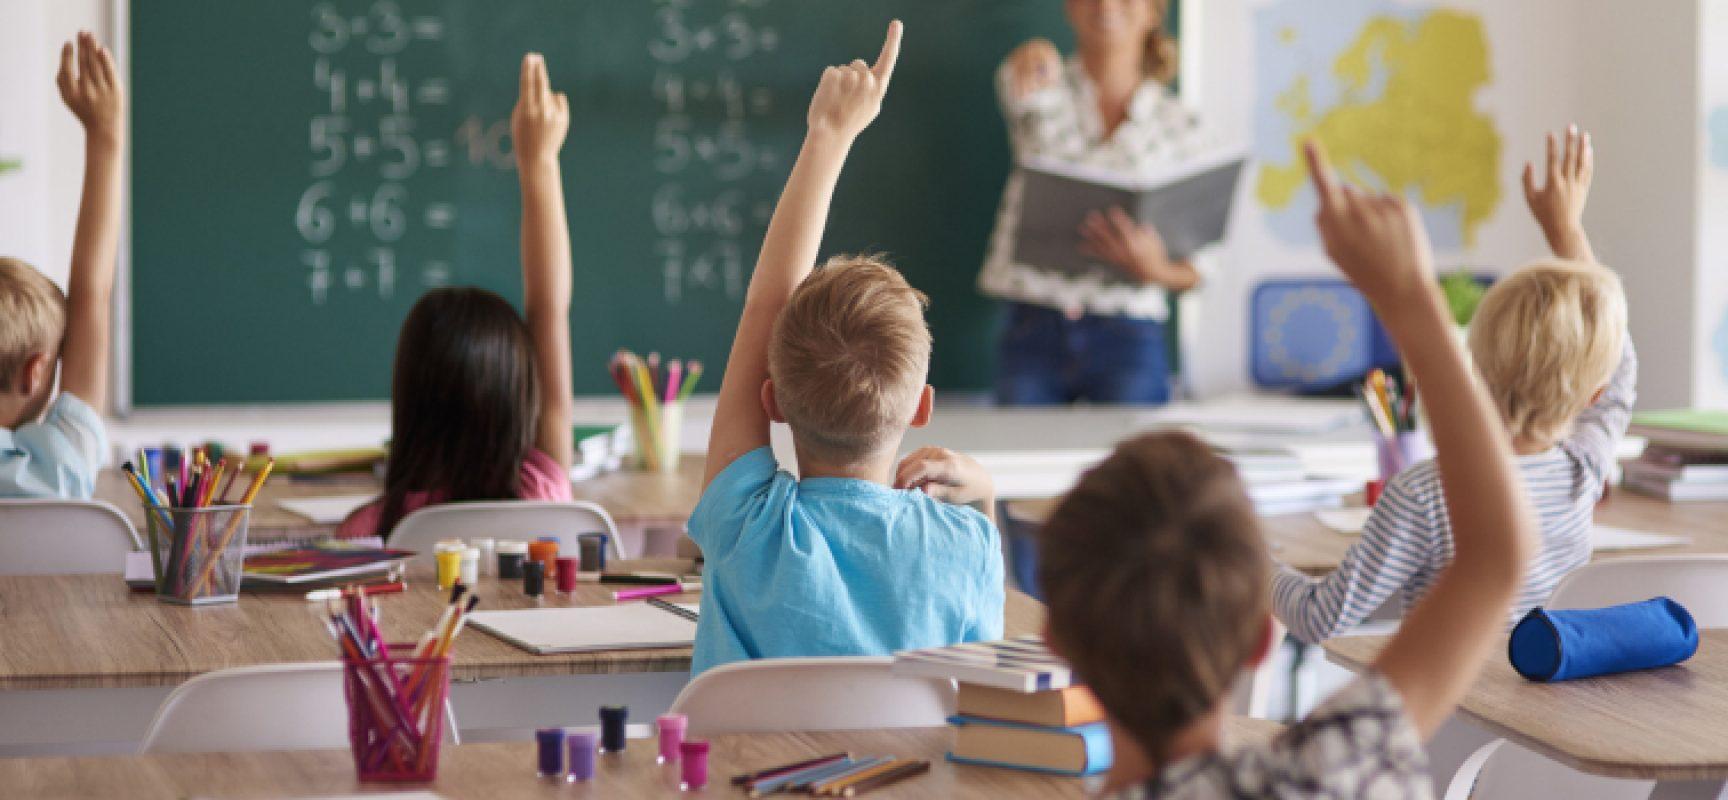 """""""La scuola buona è vita"""", Progetto Uomo mette in palio buoni acquisto per famiglie con studenti"""